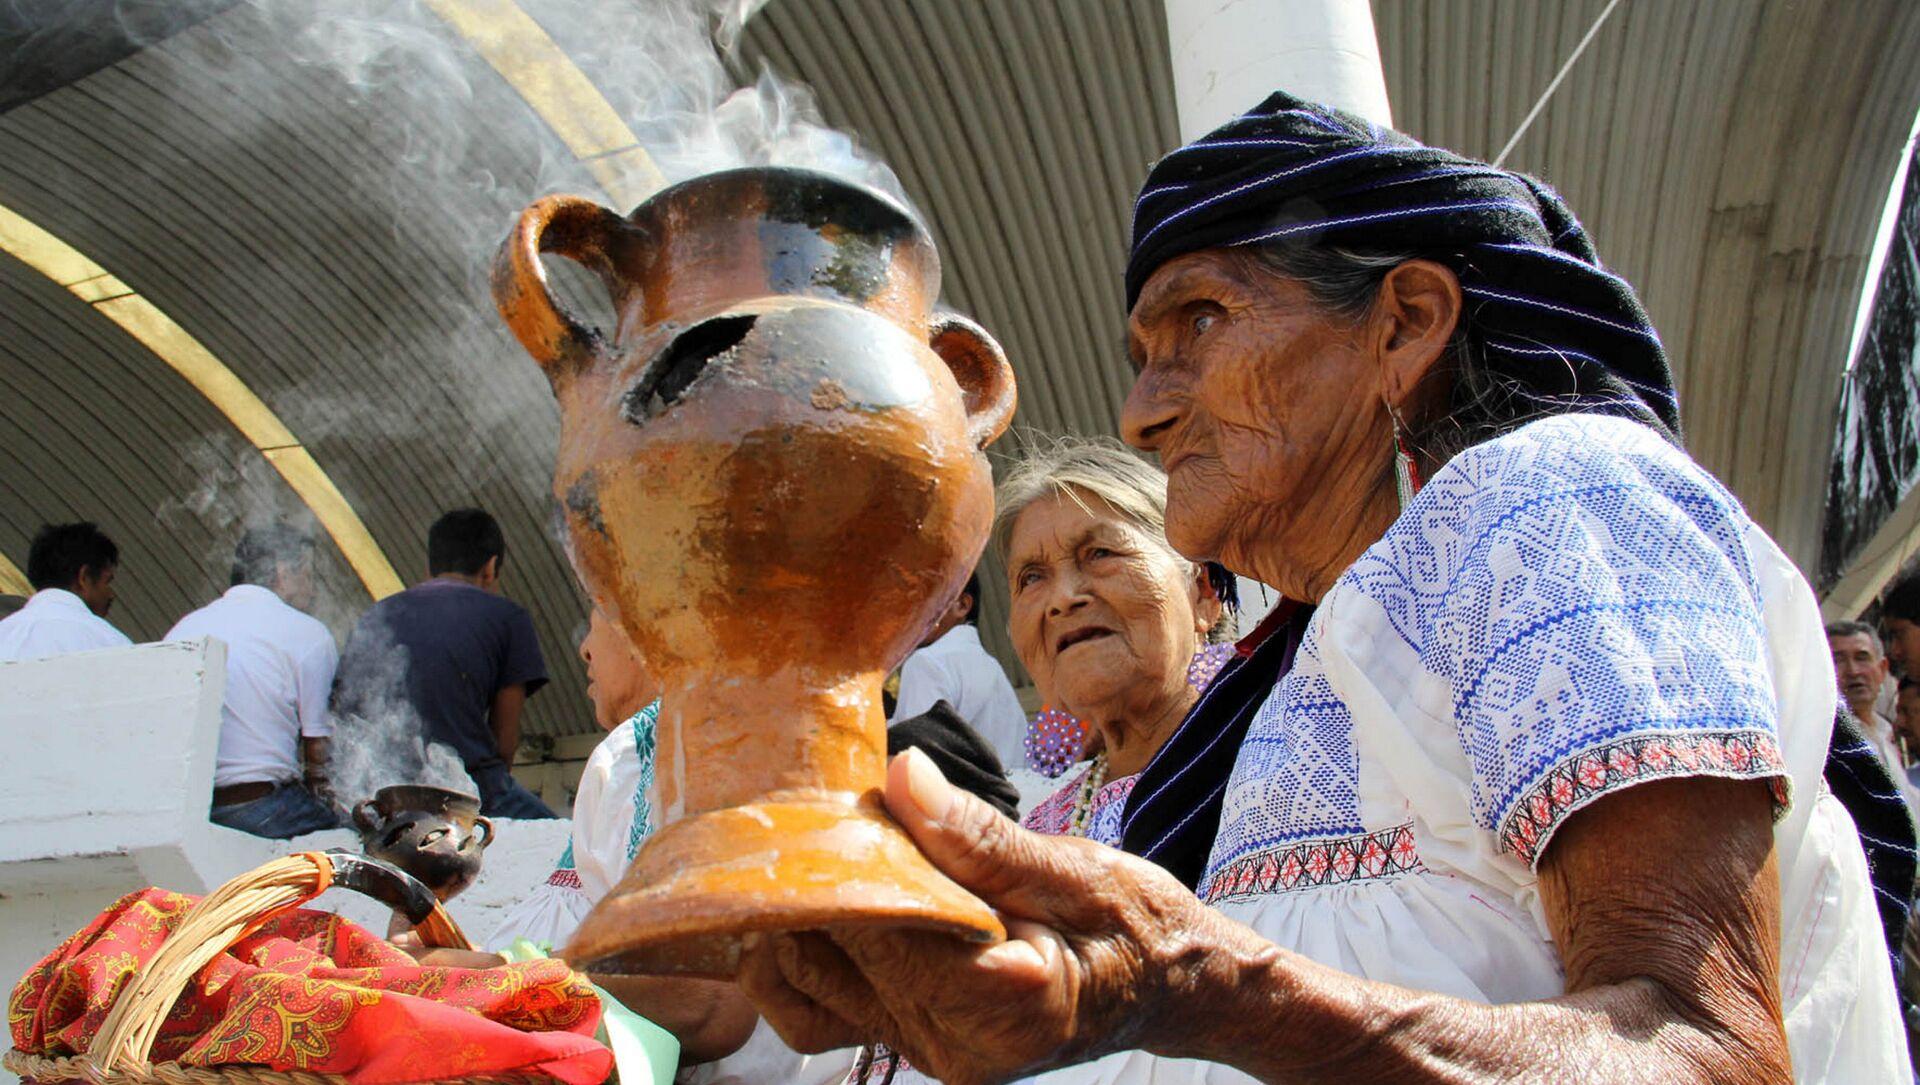 Los representantes de las comunidades indígenas en Ciudad de México (imagen referencial) - Sputnik Mundo, 1920, 21.01.2021